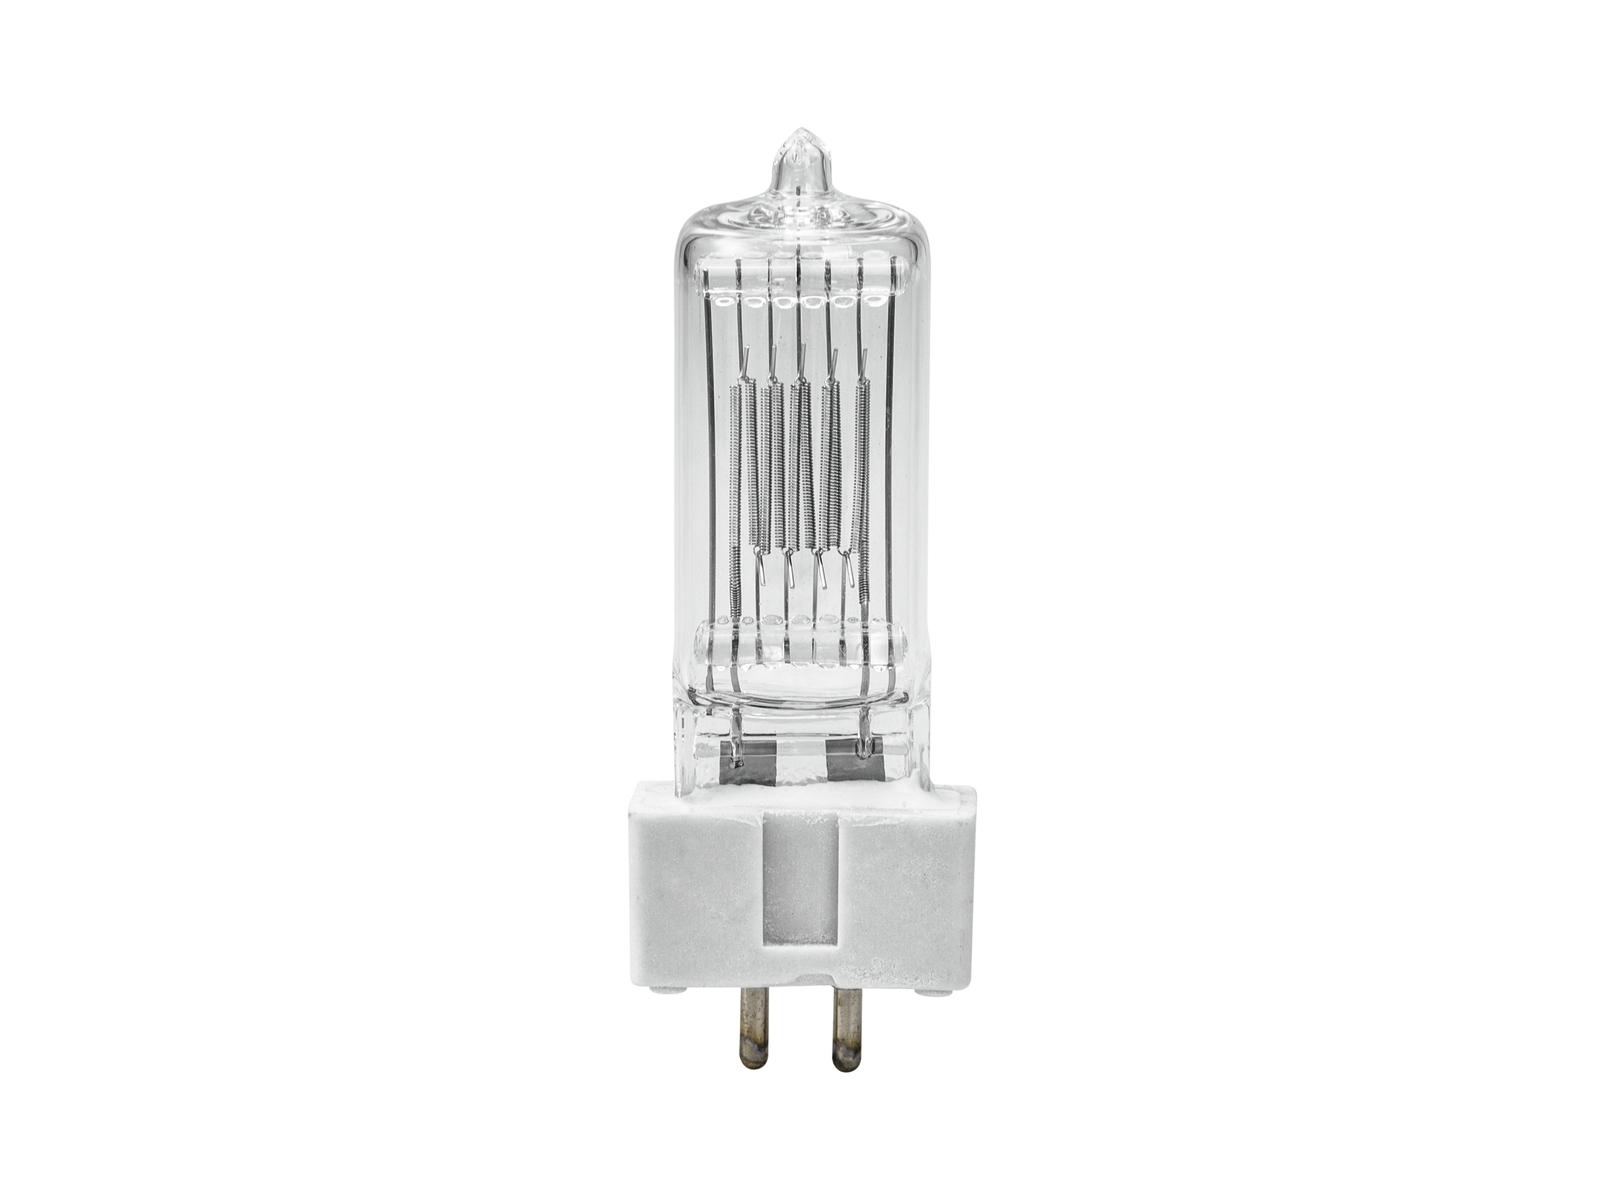 230V/1000W GX-9,5 200h Omnilux